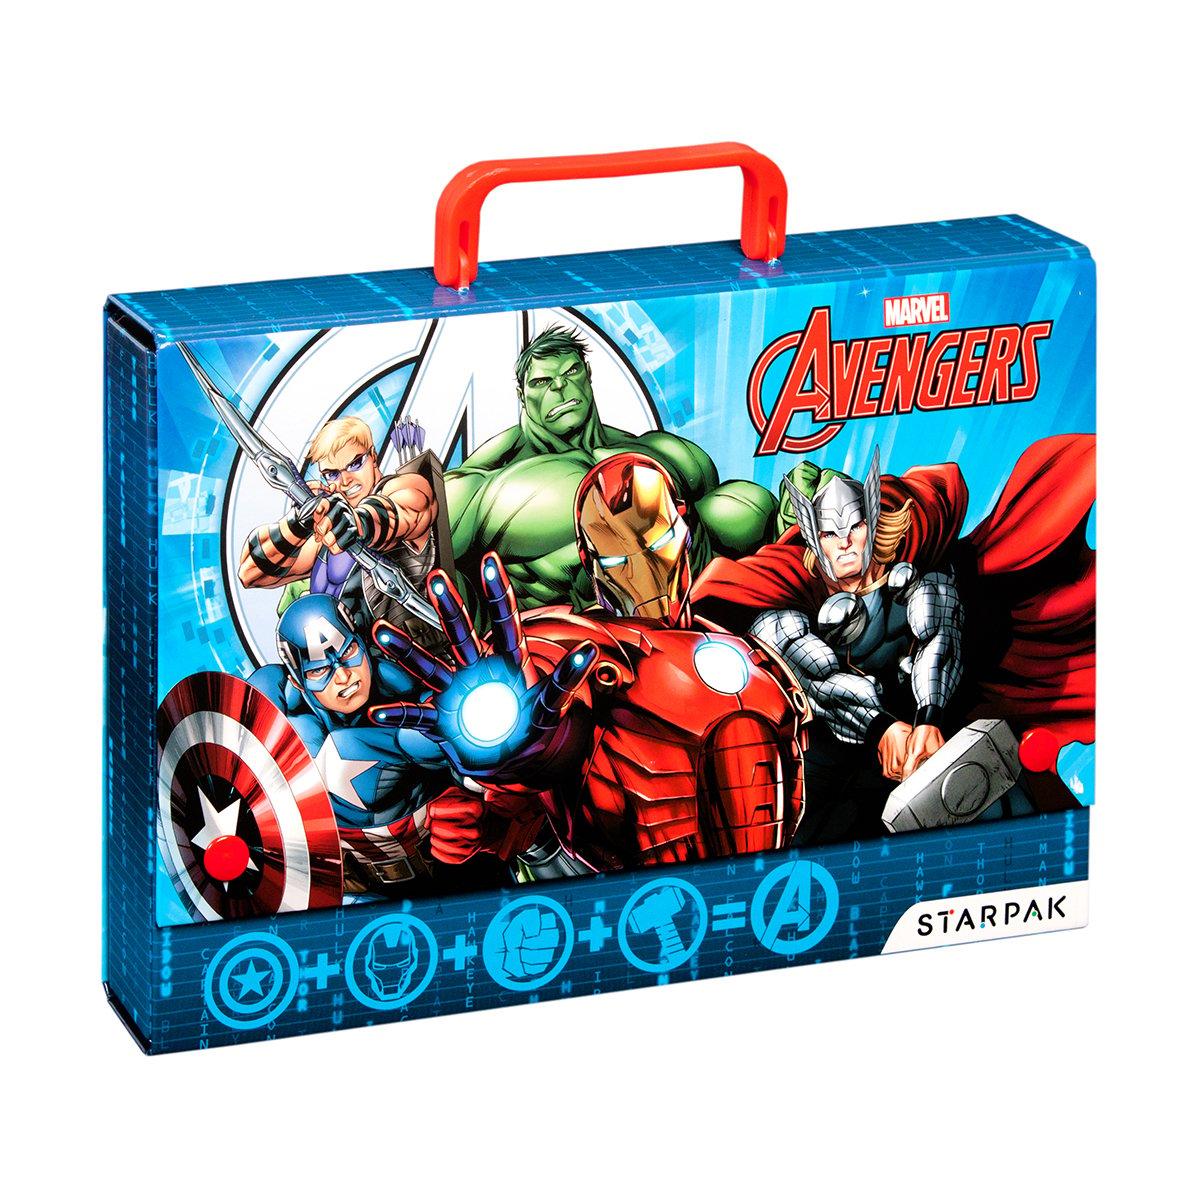 Mapa cu maner Starpak Avengers, 32 cm